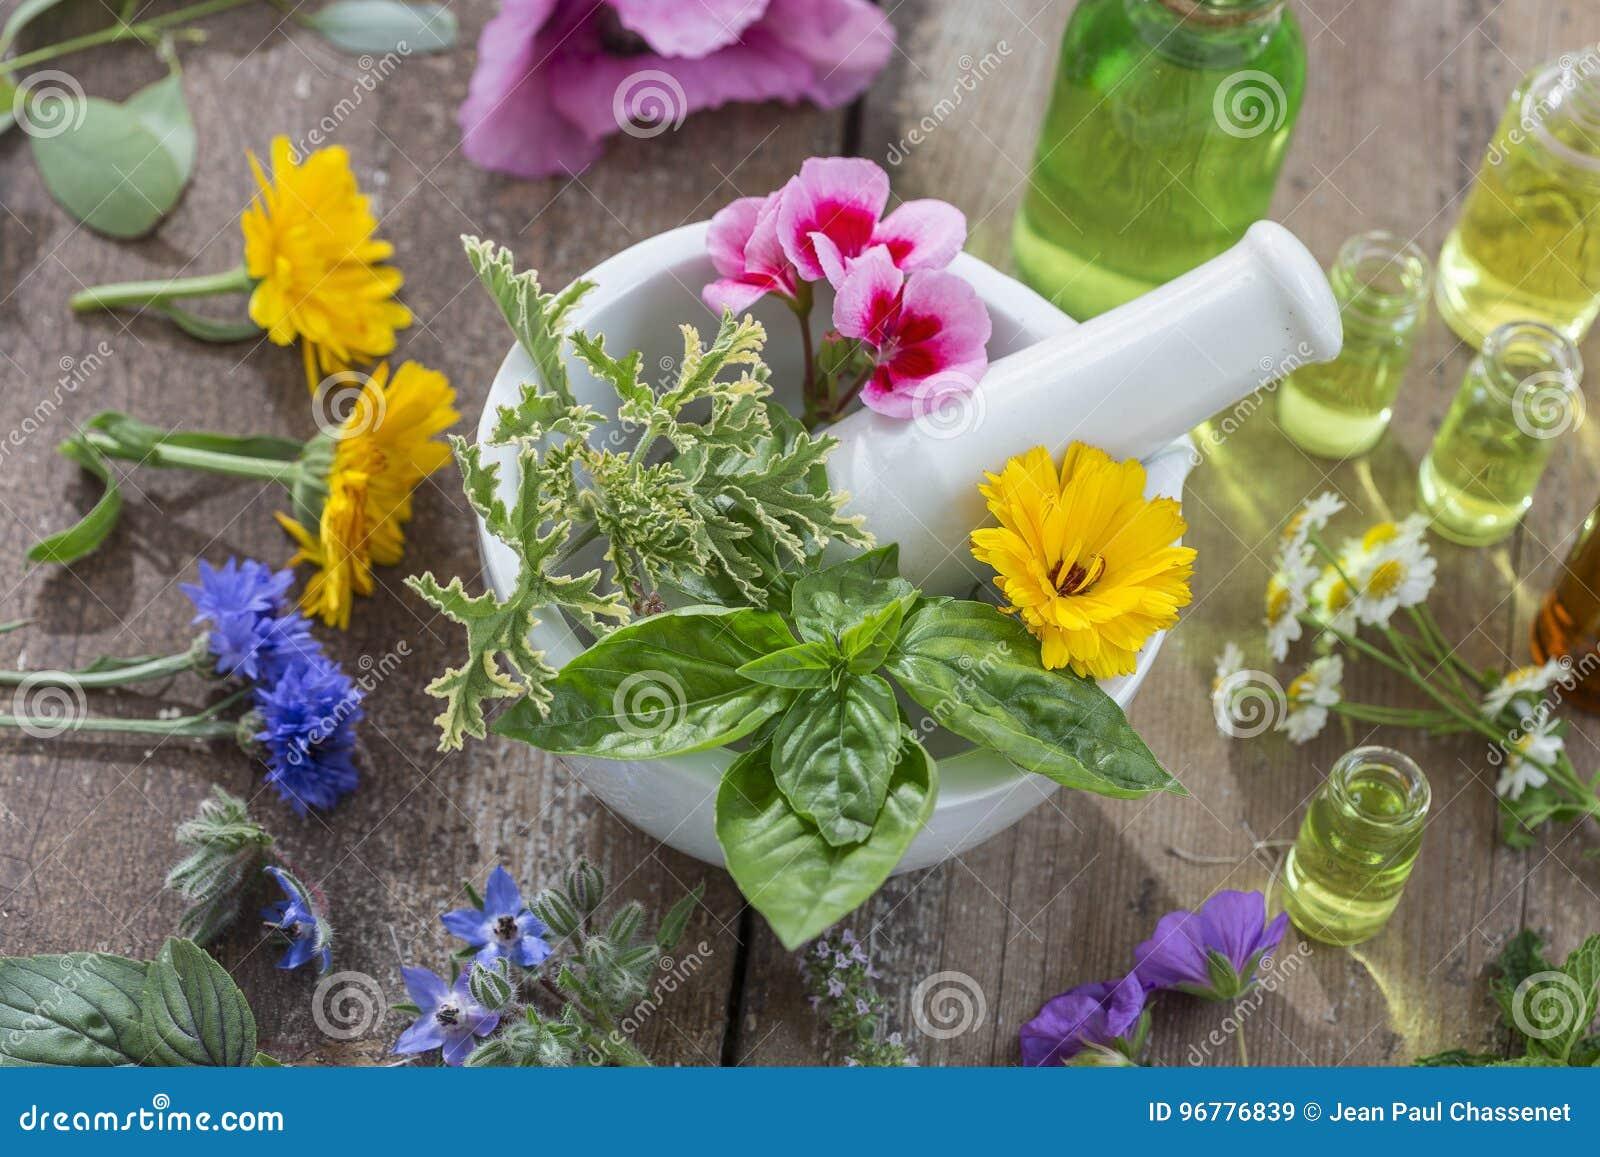 Huiles essentielles pour le traitement d aromatherapy avec les herbes fraîches à l arrière-plan de blanc de mortier